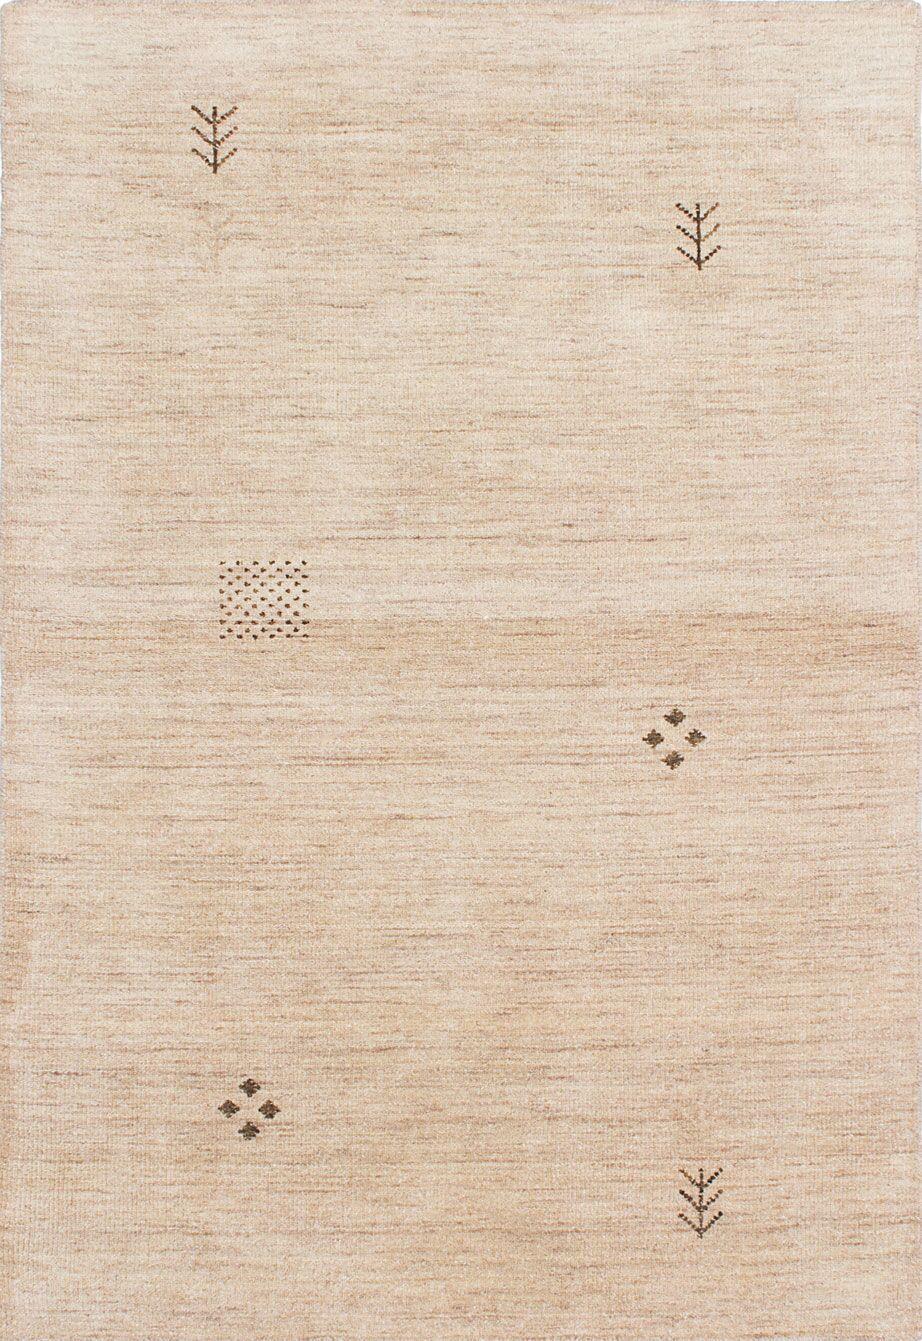 Campos Hand-Woven Cream Area Rug Rug Size: 4' x 5'11